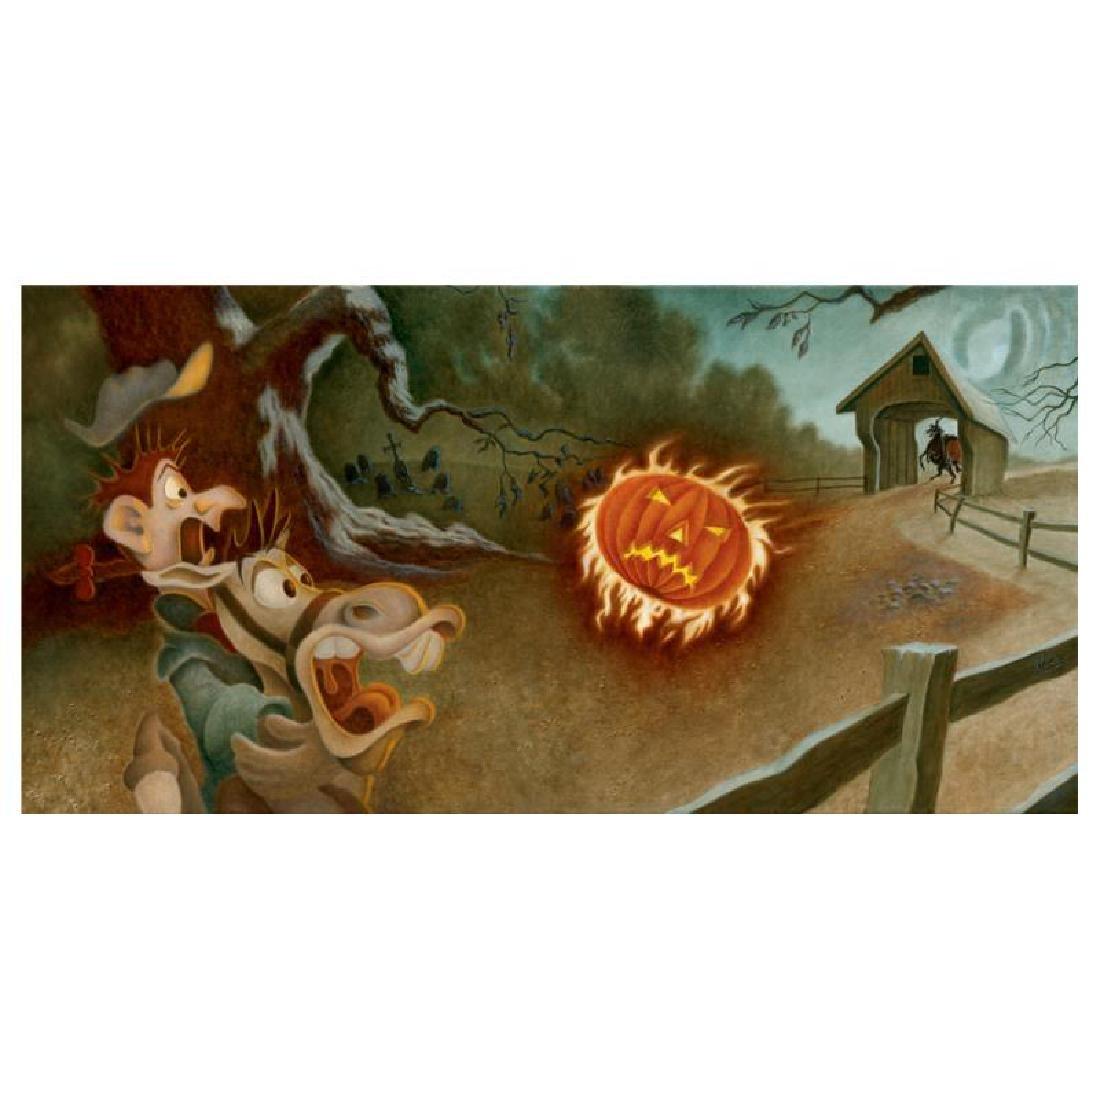 Sleepy Hollow by Kupka, Mike